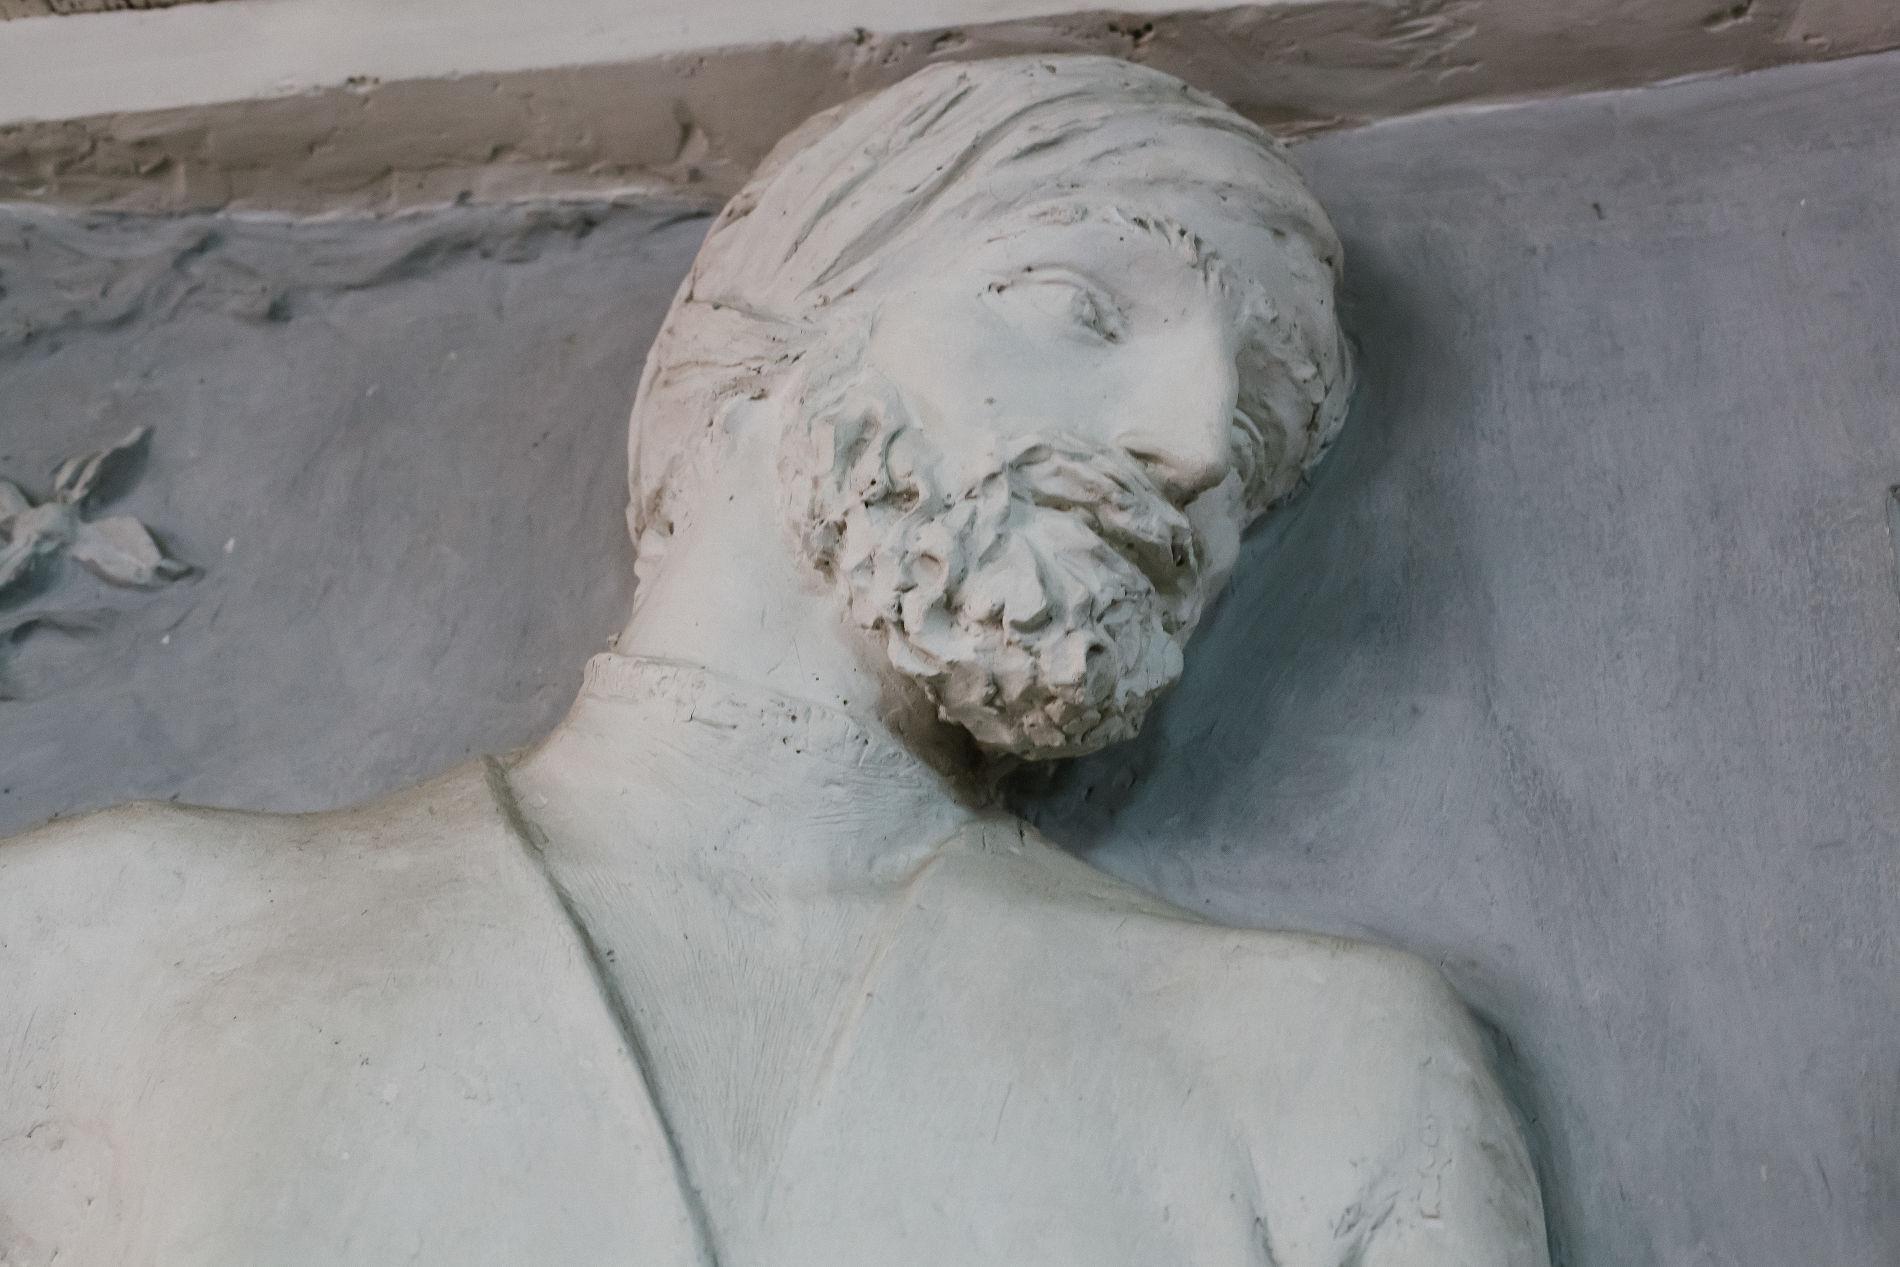 Фрагмент барельефа скульптора Аполлонова в Доме книги ©Фото Марии Малышевой, Юга.ру